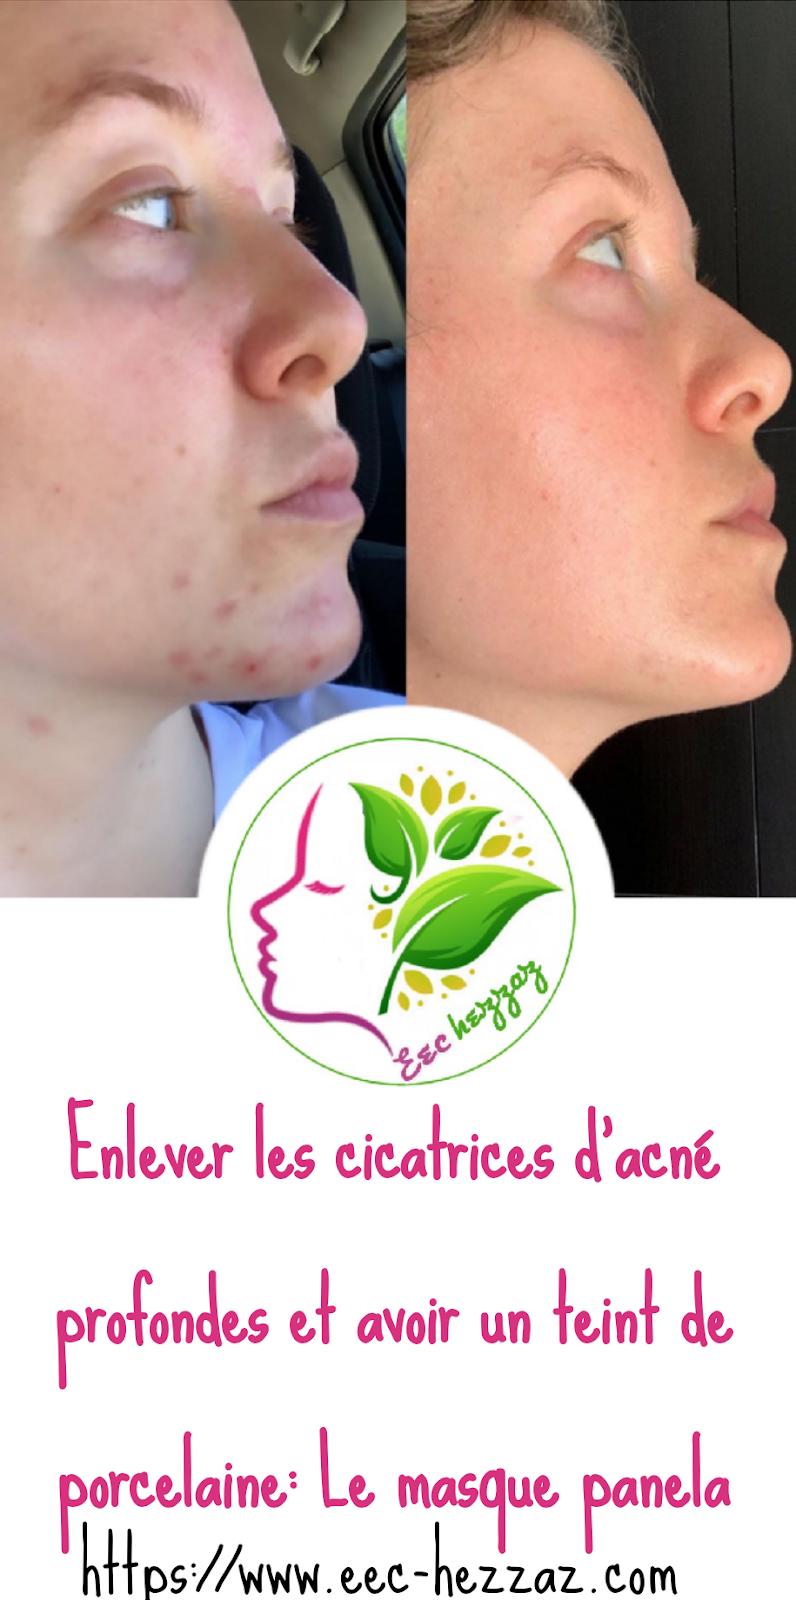 Enlever les cicatrices d'acné profondes et avoir un teint de porcelaine: Le masque panela